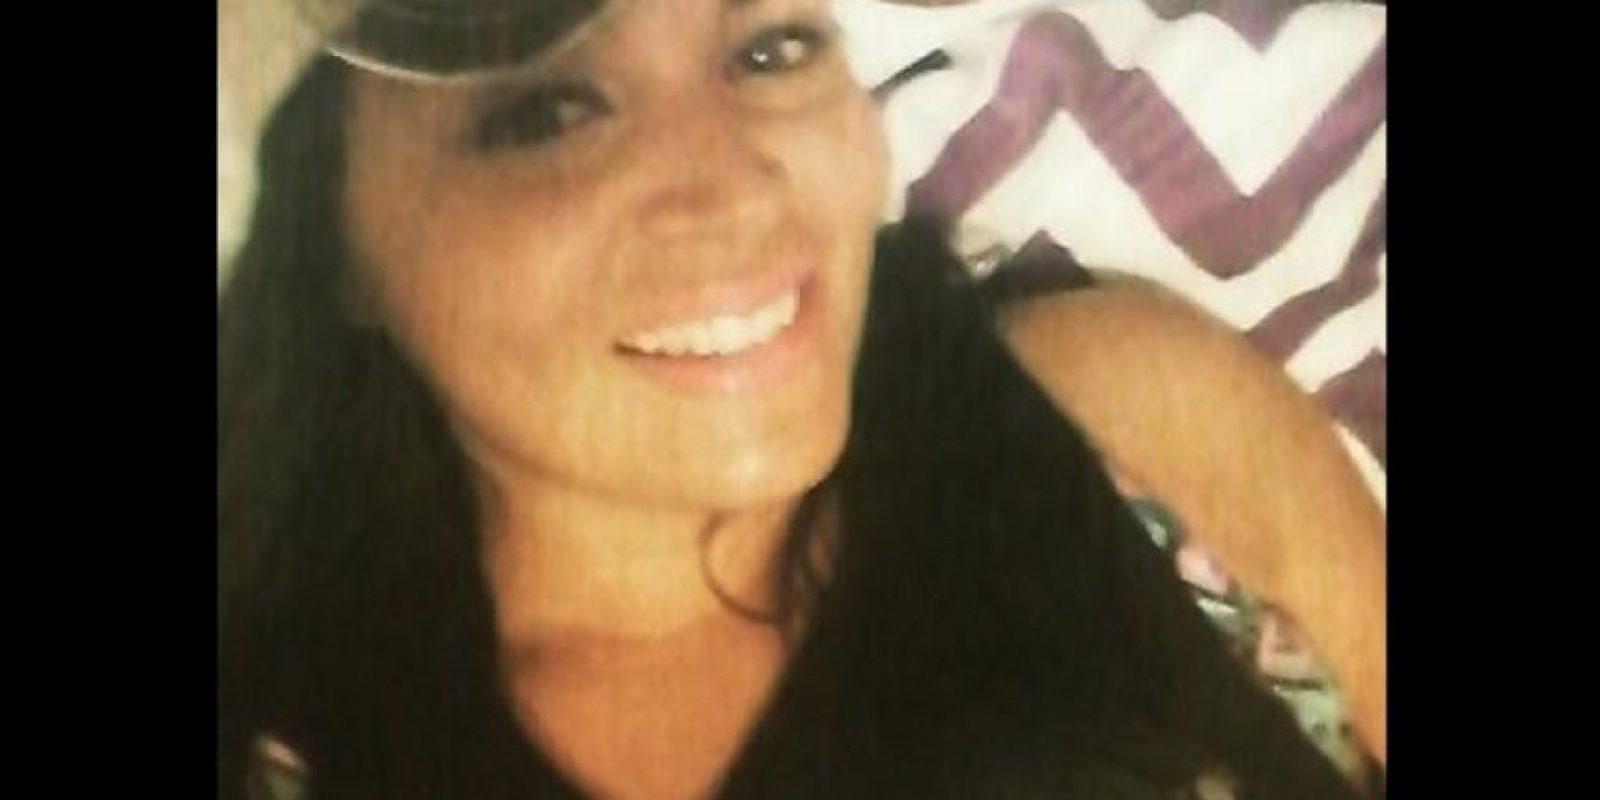 La maestra es acusada de abusar de un menor de 14 años. Foto:facebook.com/rafaelenrique.ortiz.56?fref=nf. Imagen Por: